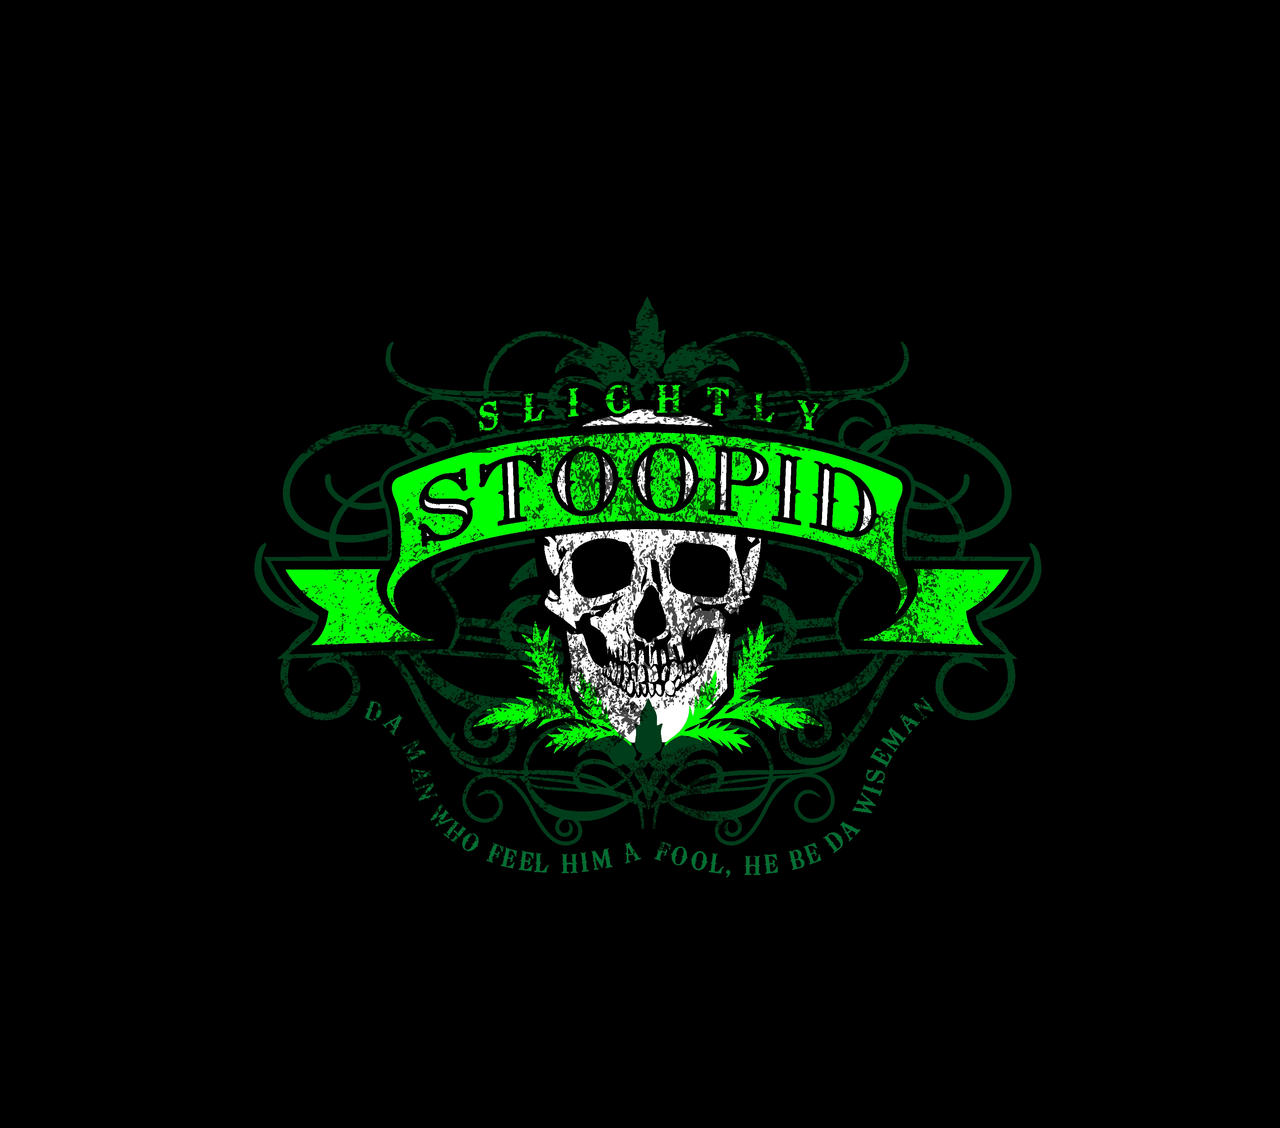 SlightlyStoopid skull by ENOTSdesign on DeviantArt